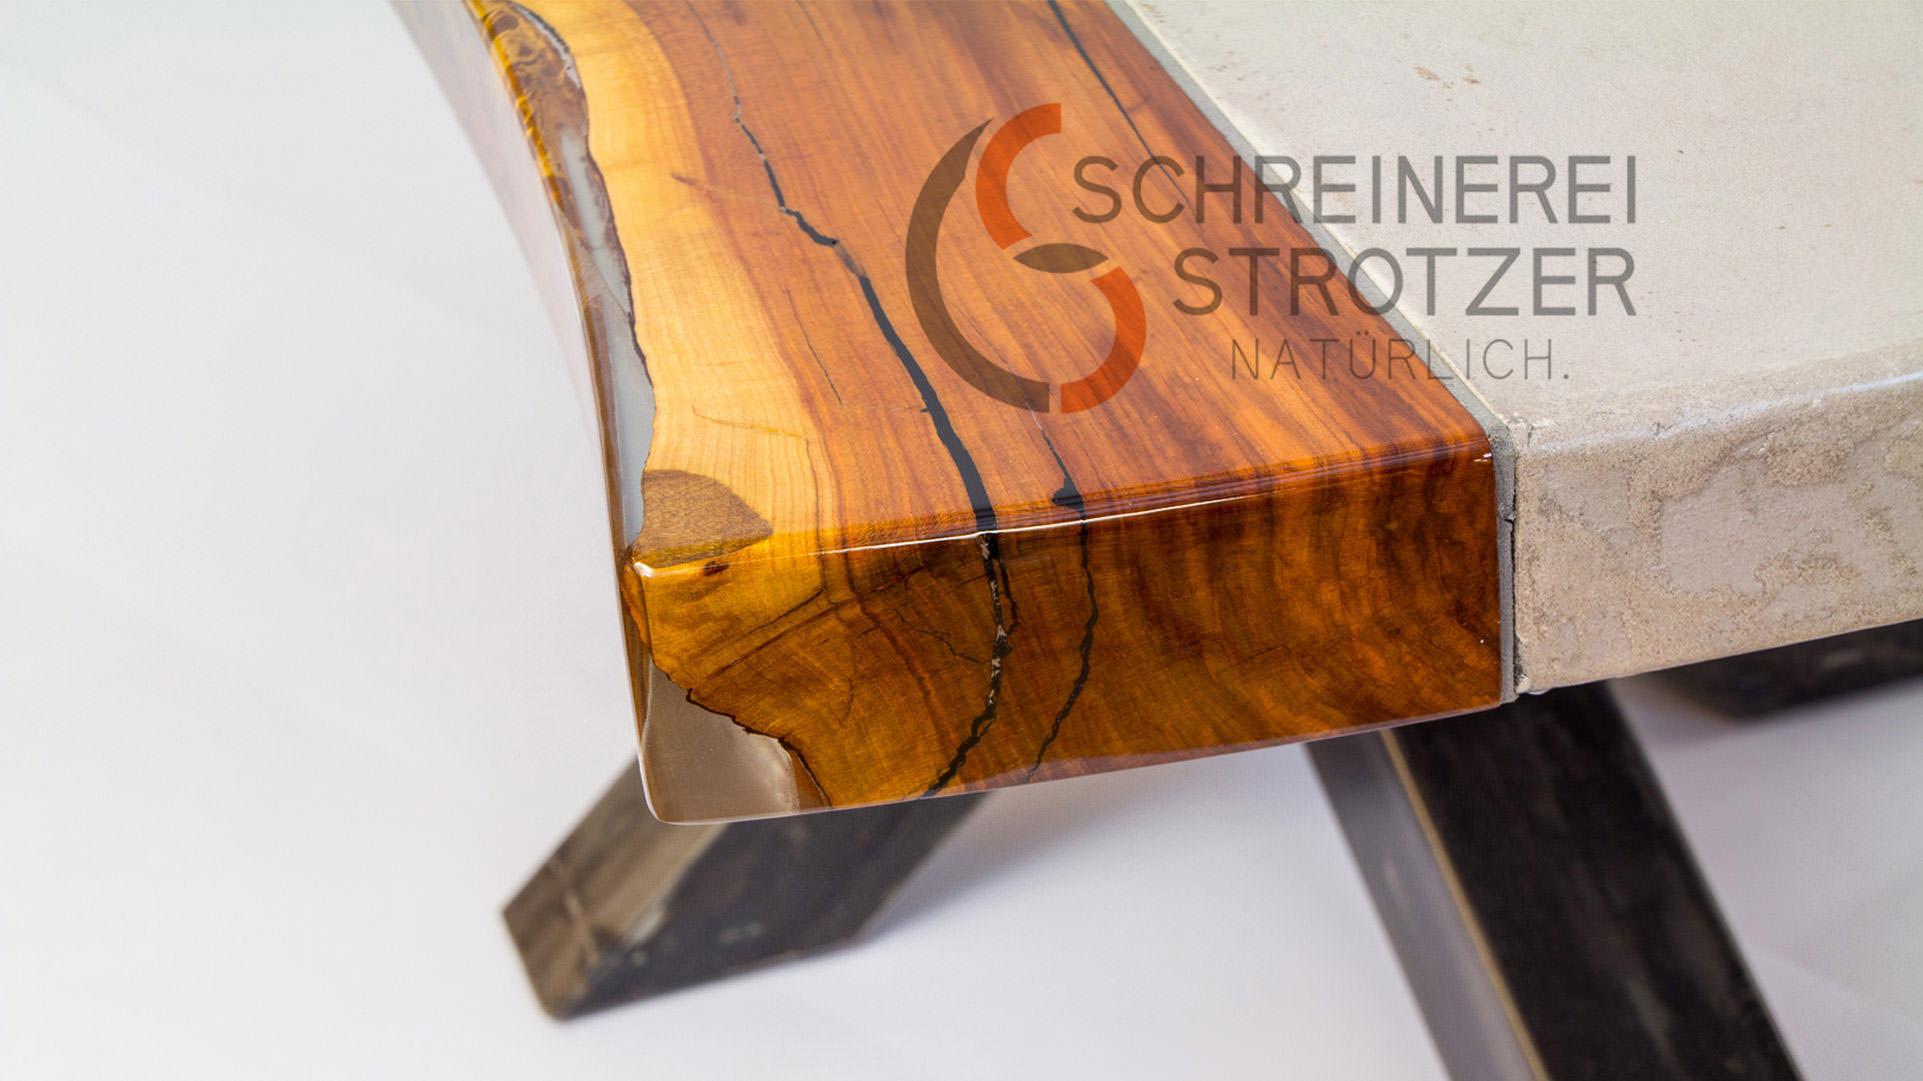 Schreinerei Strotzer - Höchste Qualität aus Holz